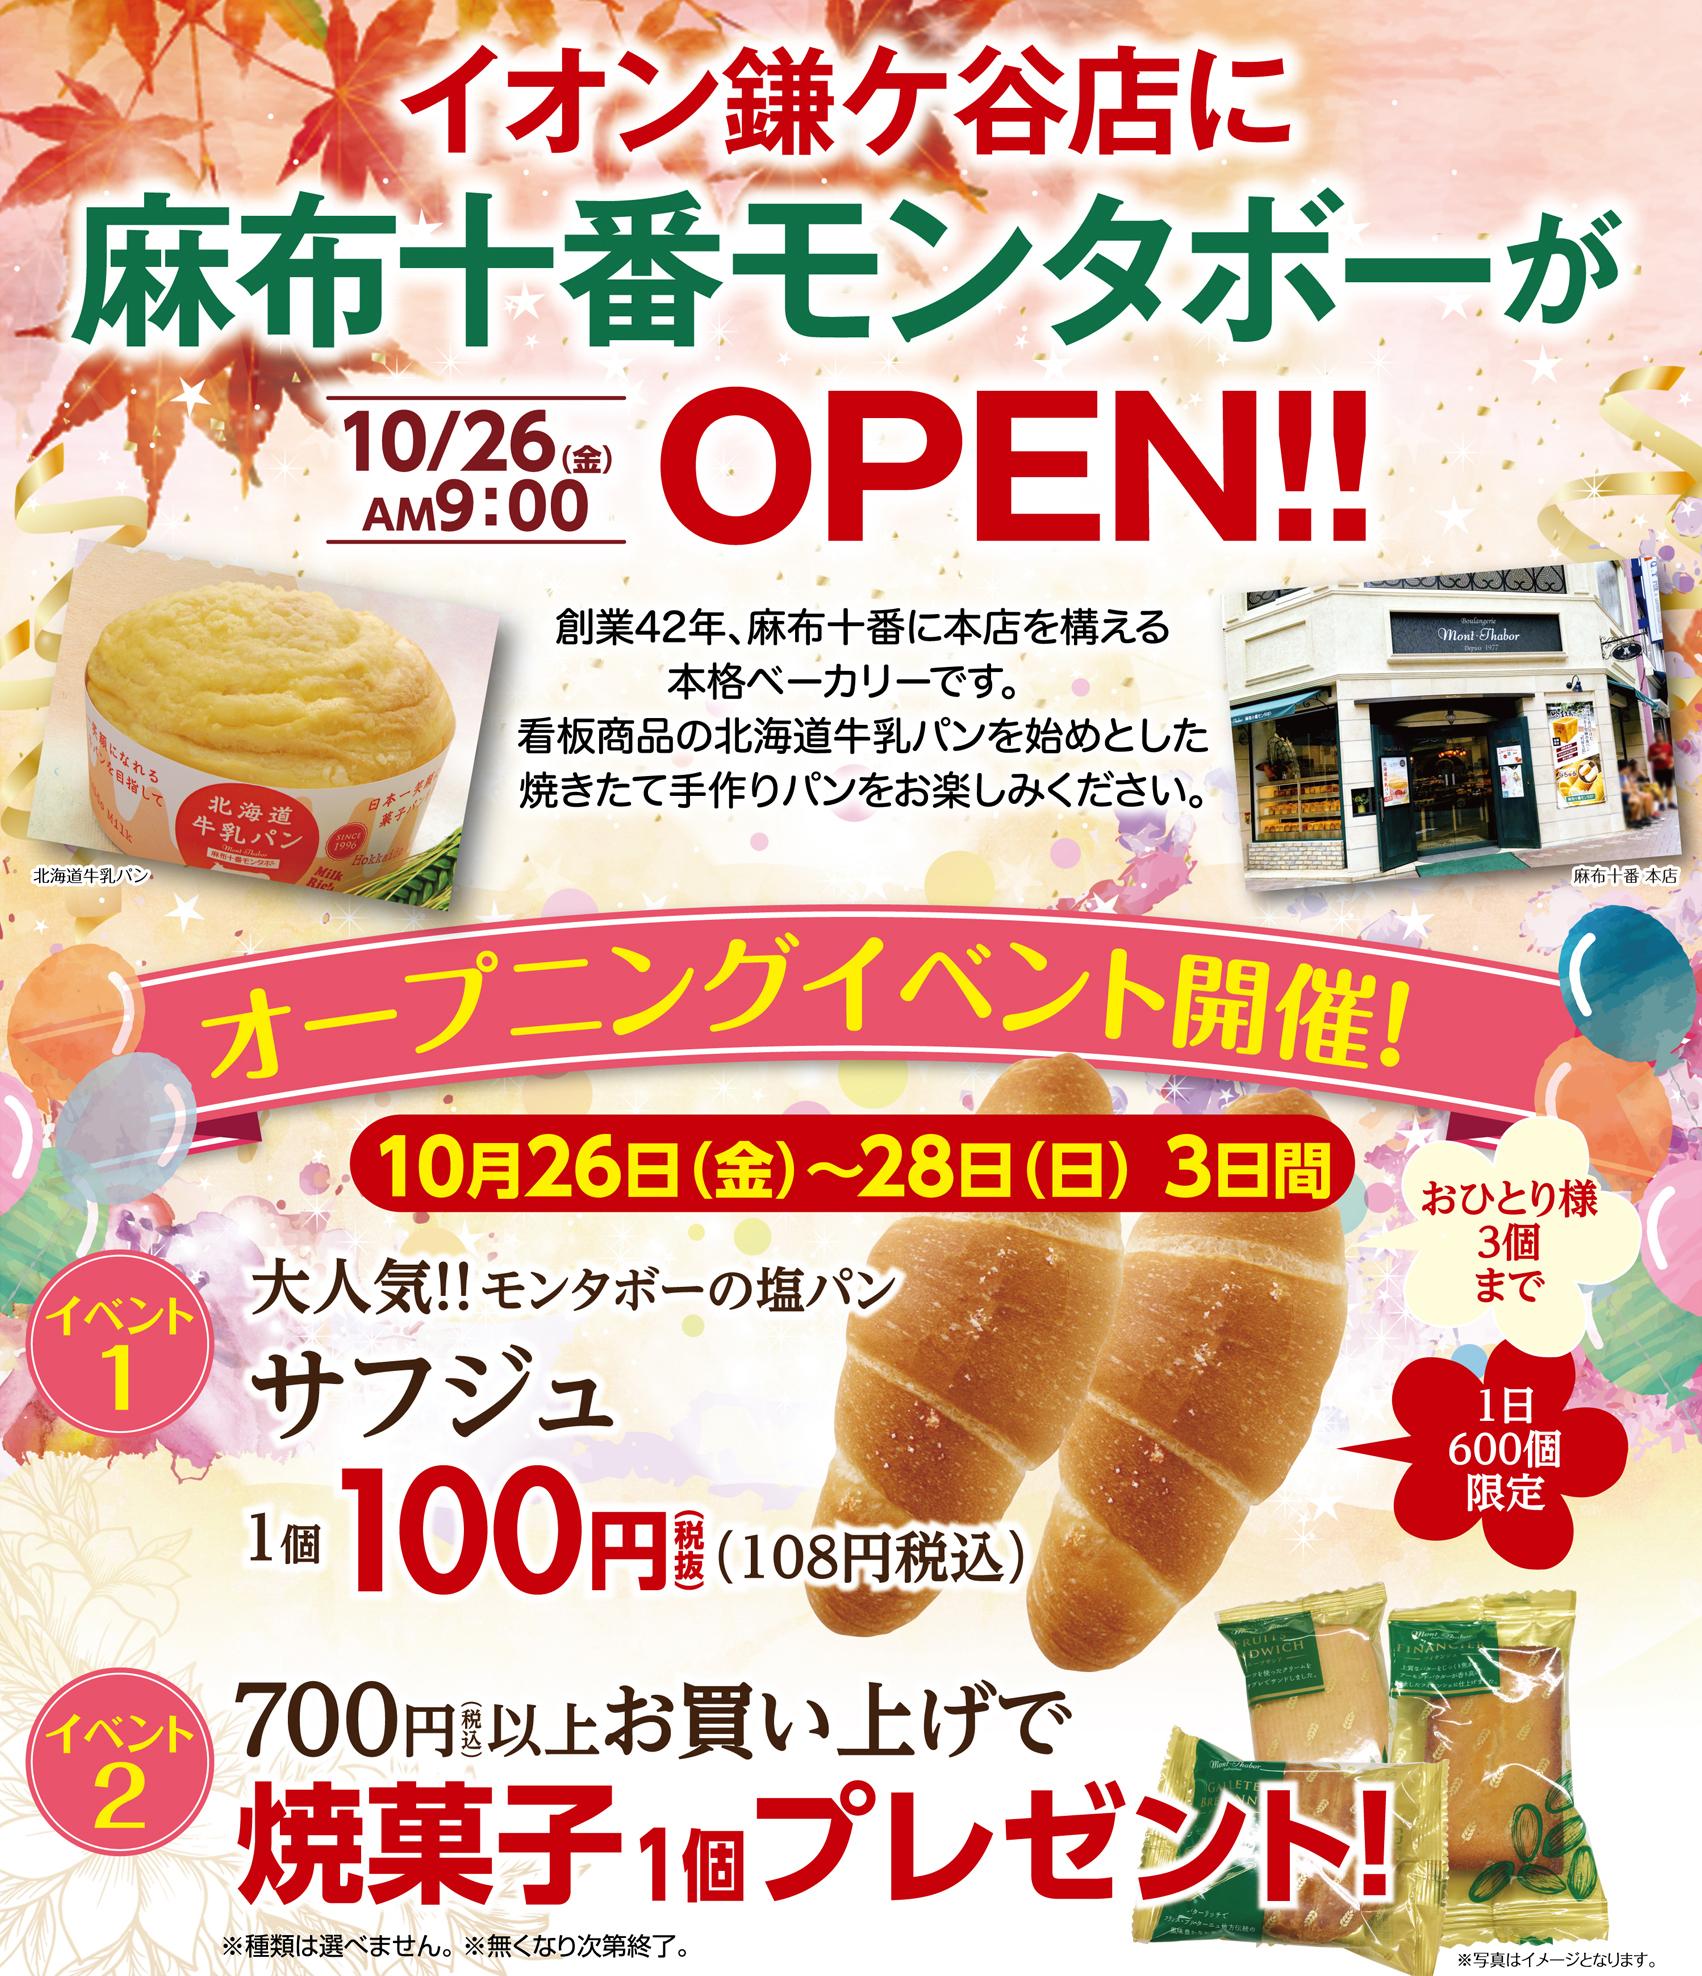 麻布十番モンタボー イオン鎌ケ谷店